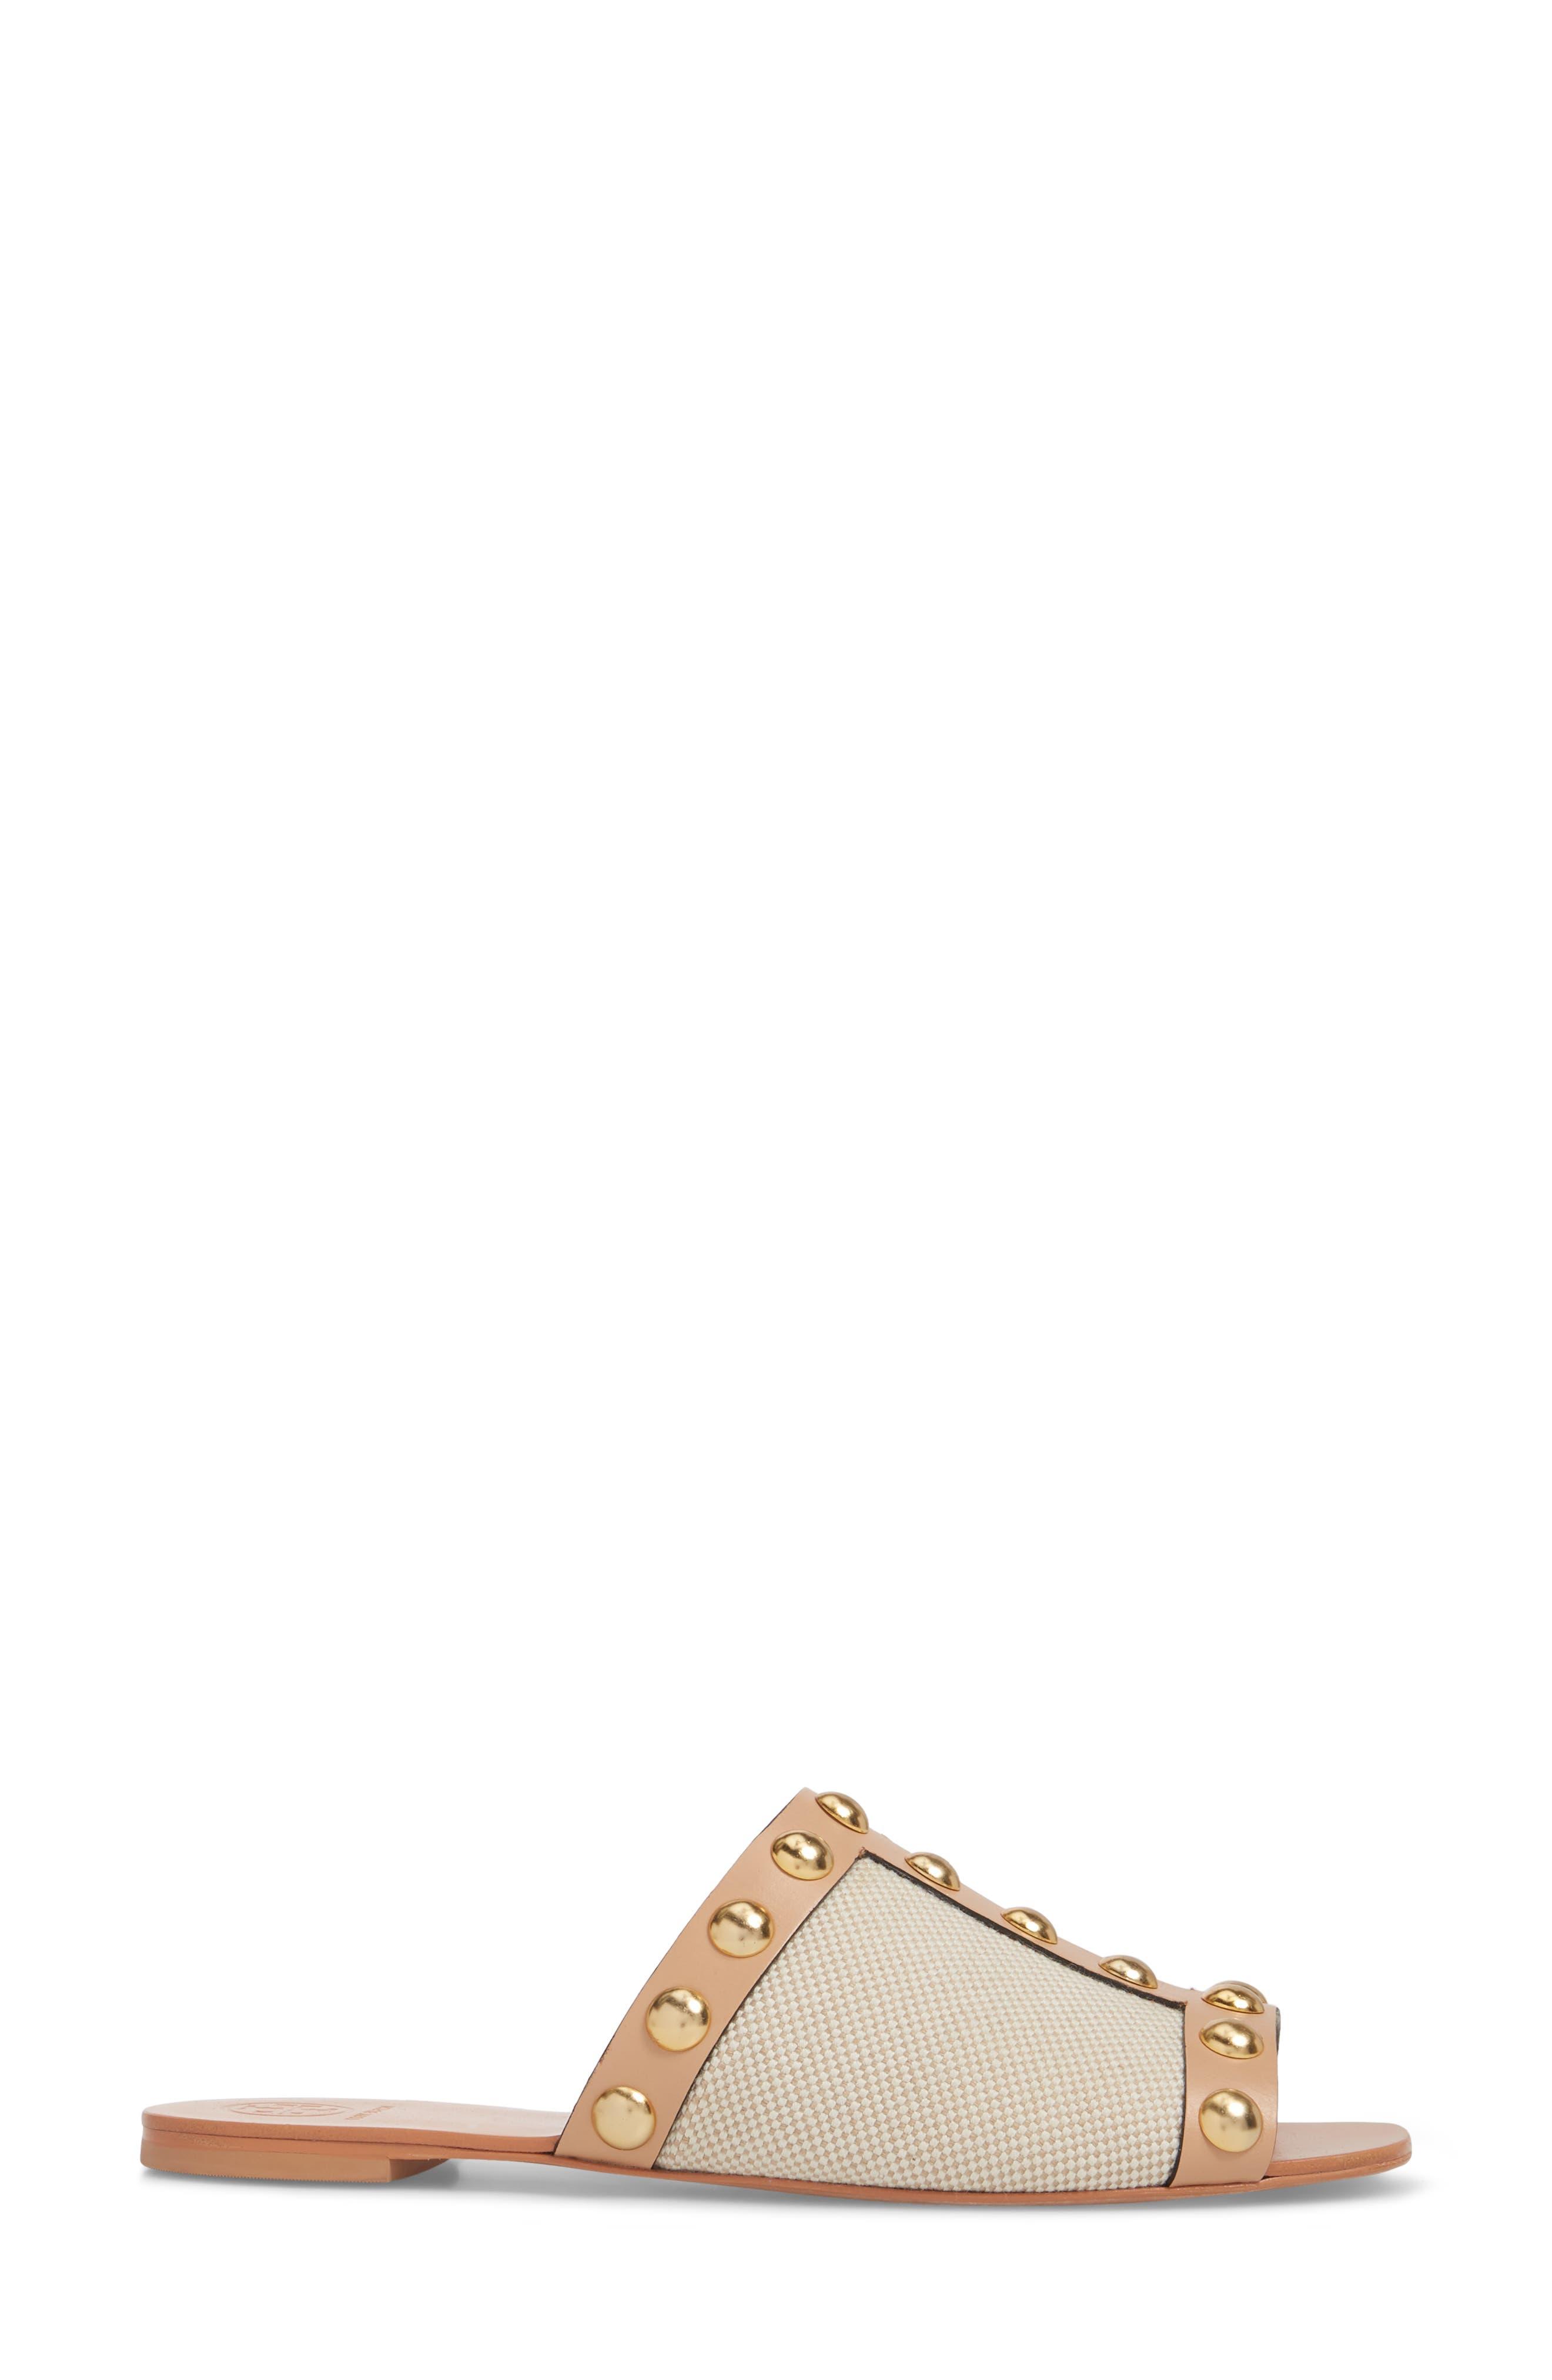 Blythe Slide Sandal,                             Alternate thumbnail 3, color,                             Sand/ Natural Vachetta